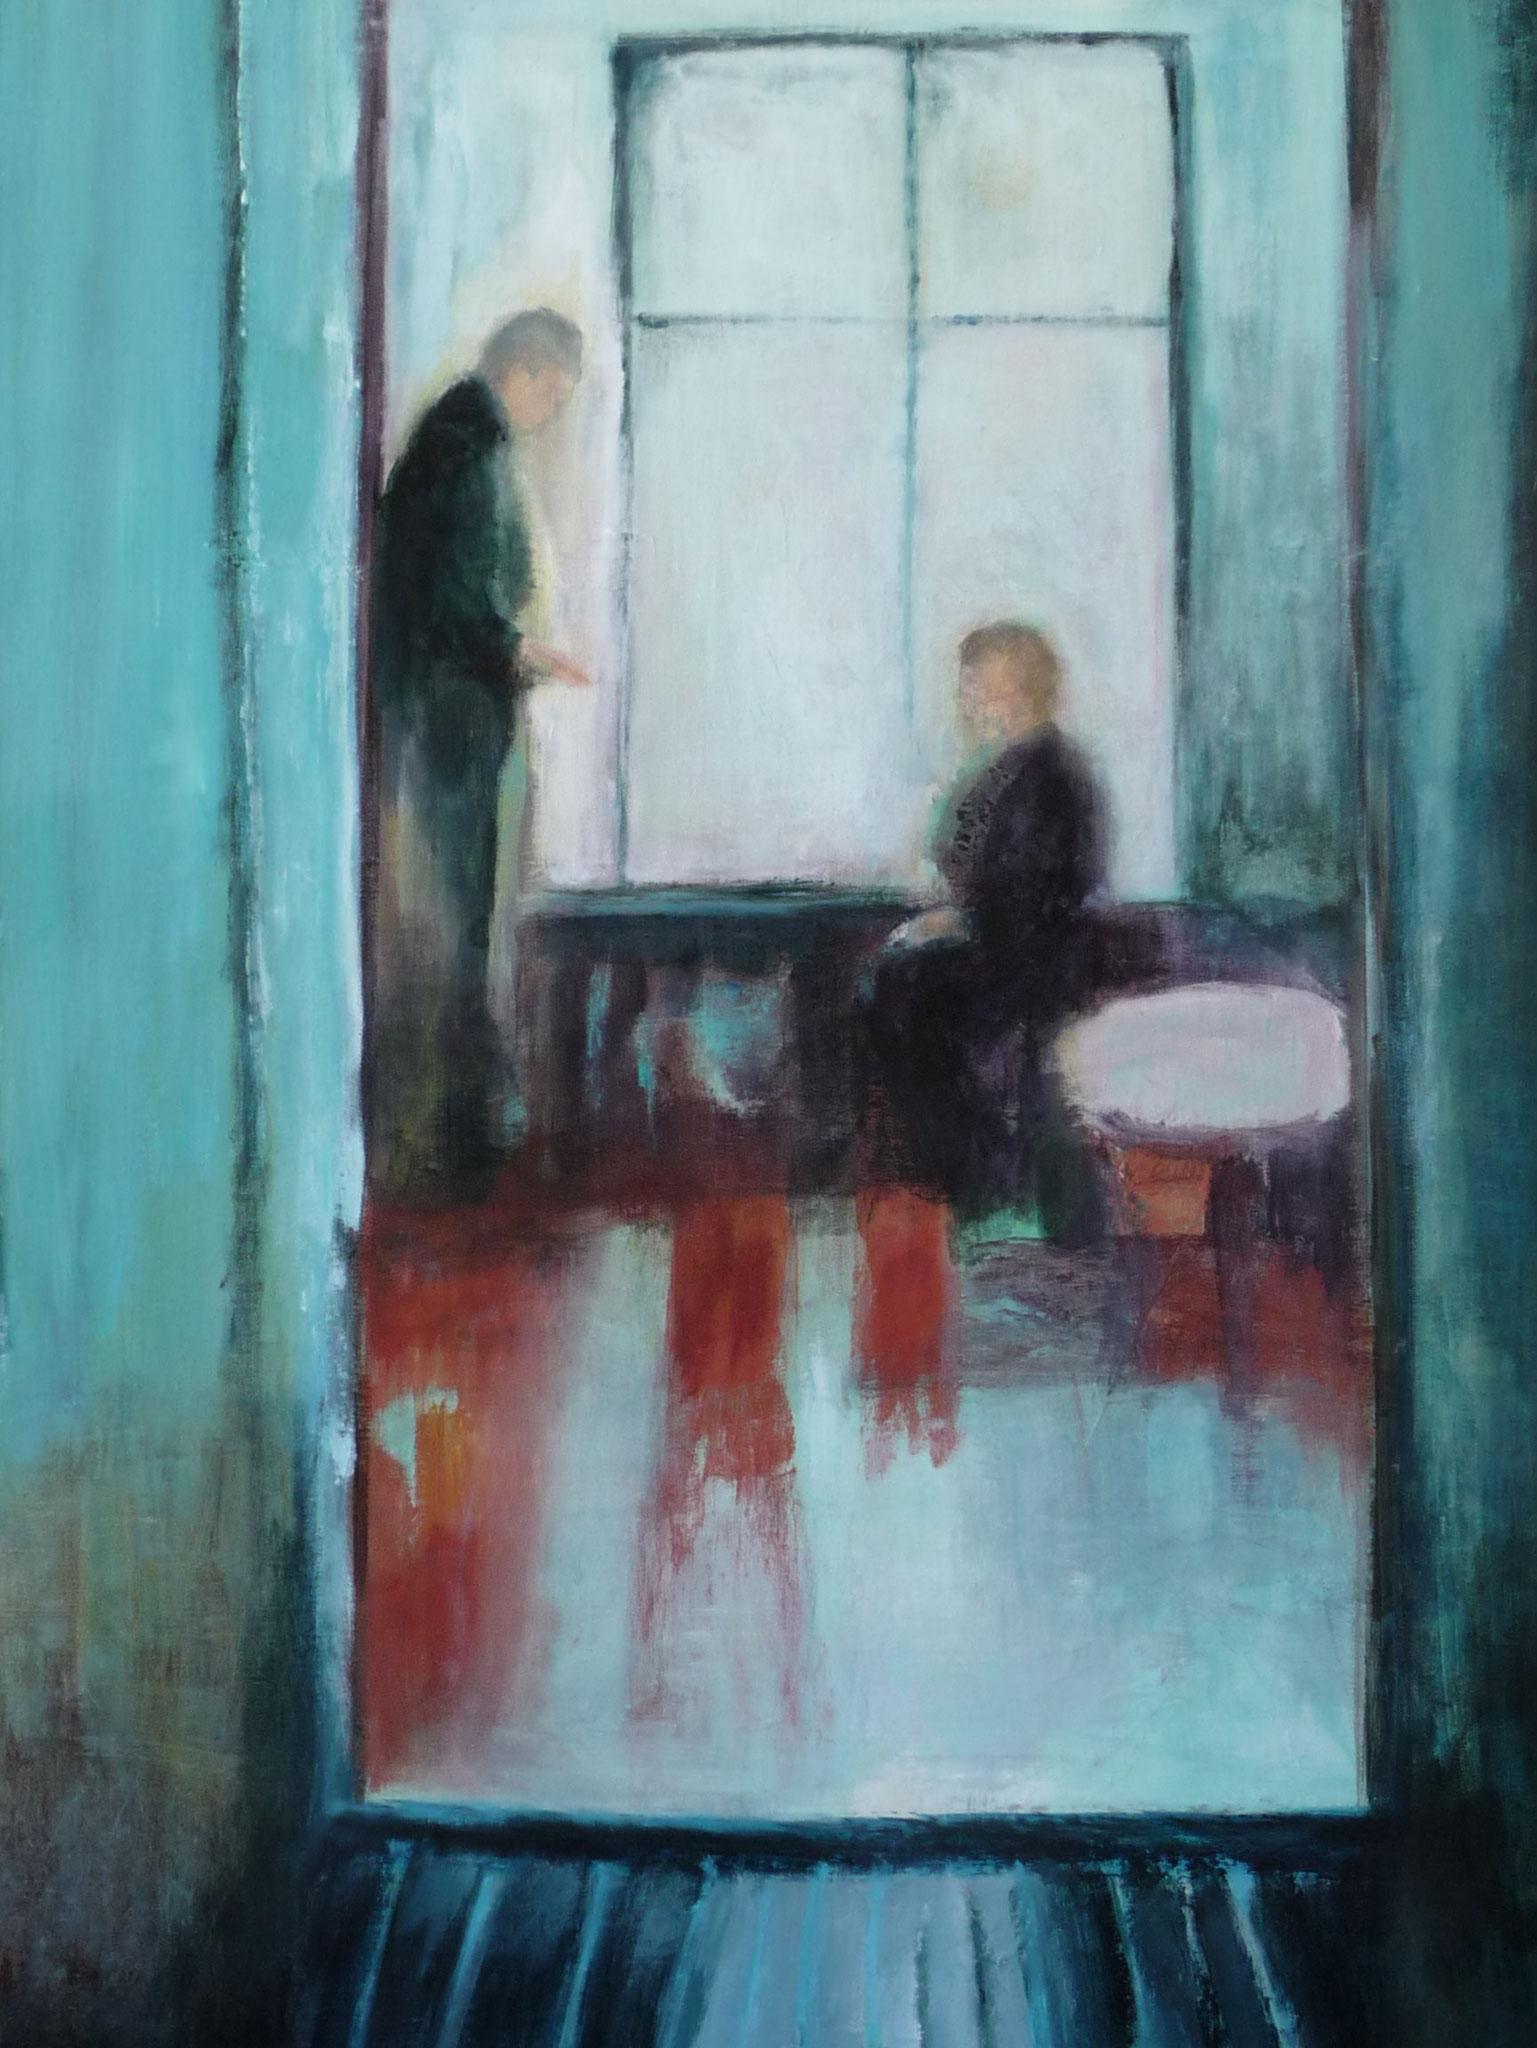 Conversation - Hommage à Tarkovsky    ---   2010 - Acrylique sur toile - 100 x 75 cm